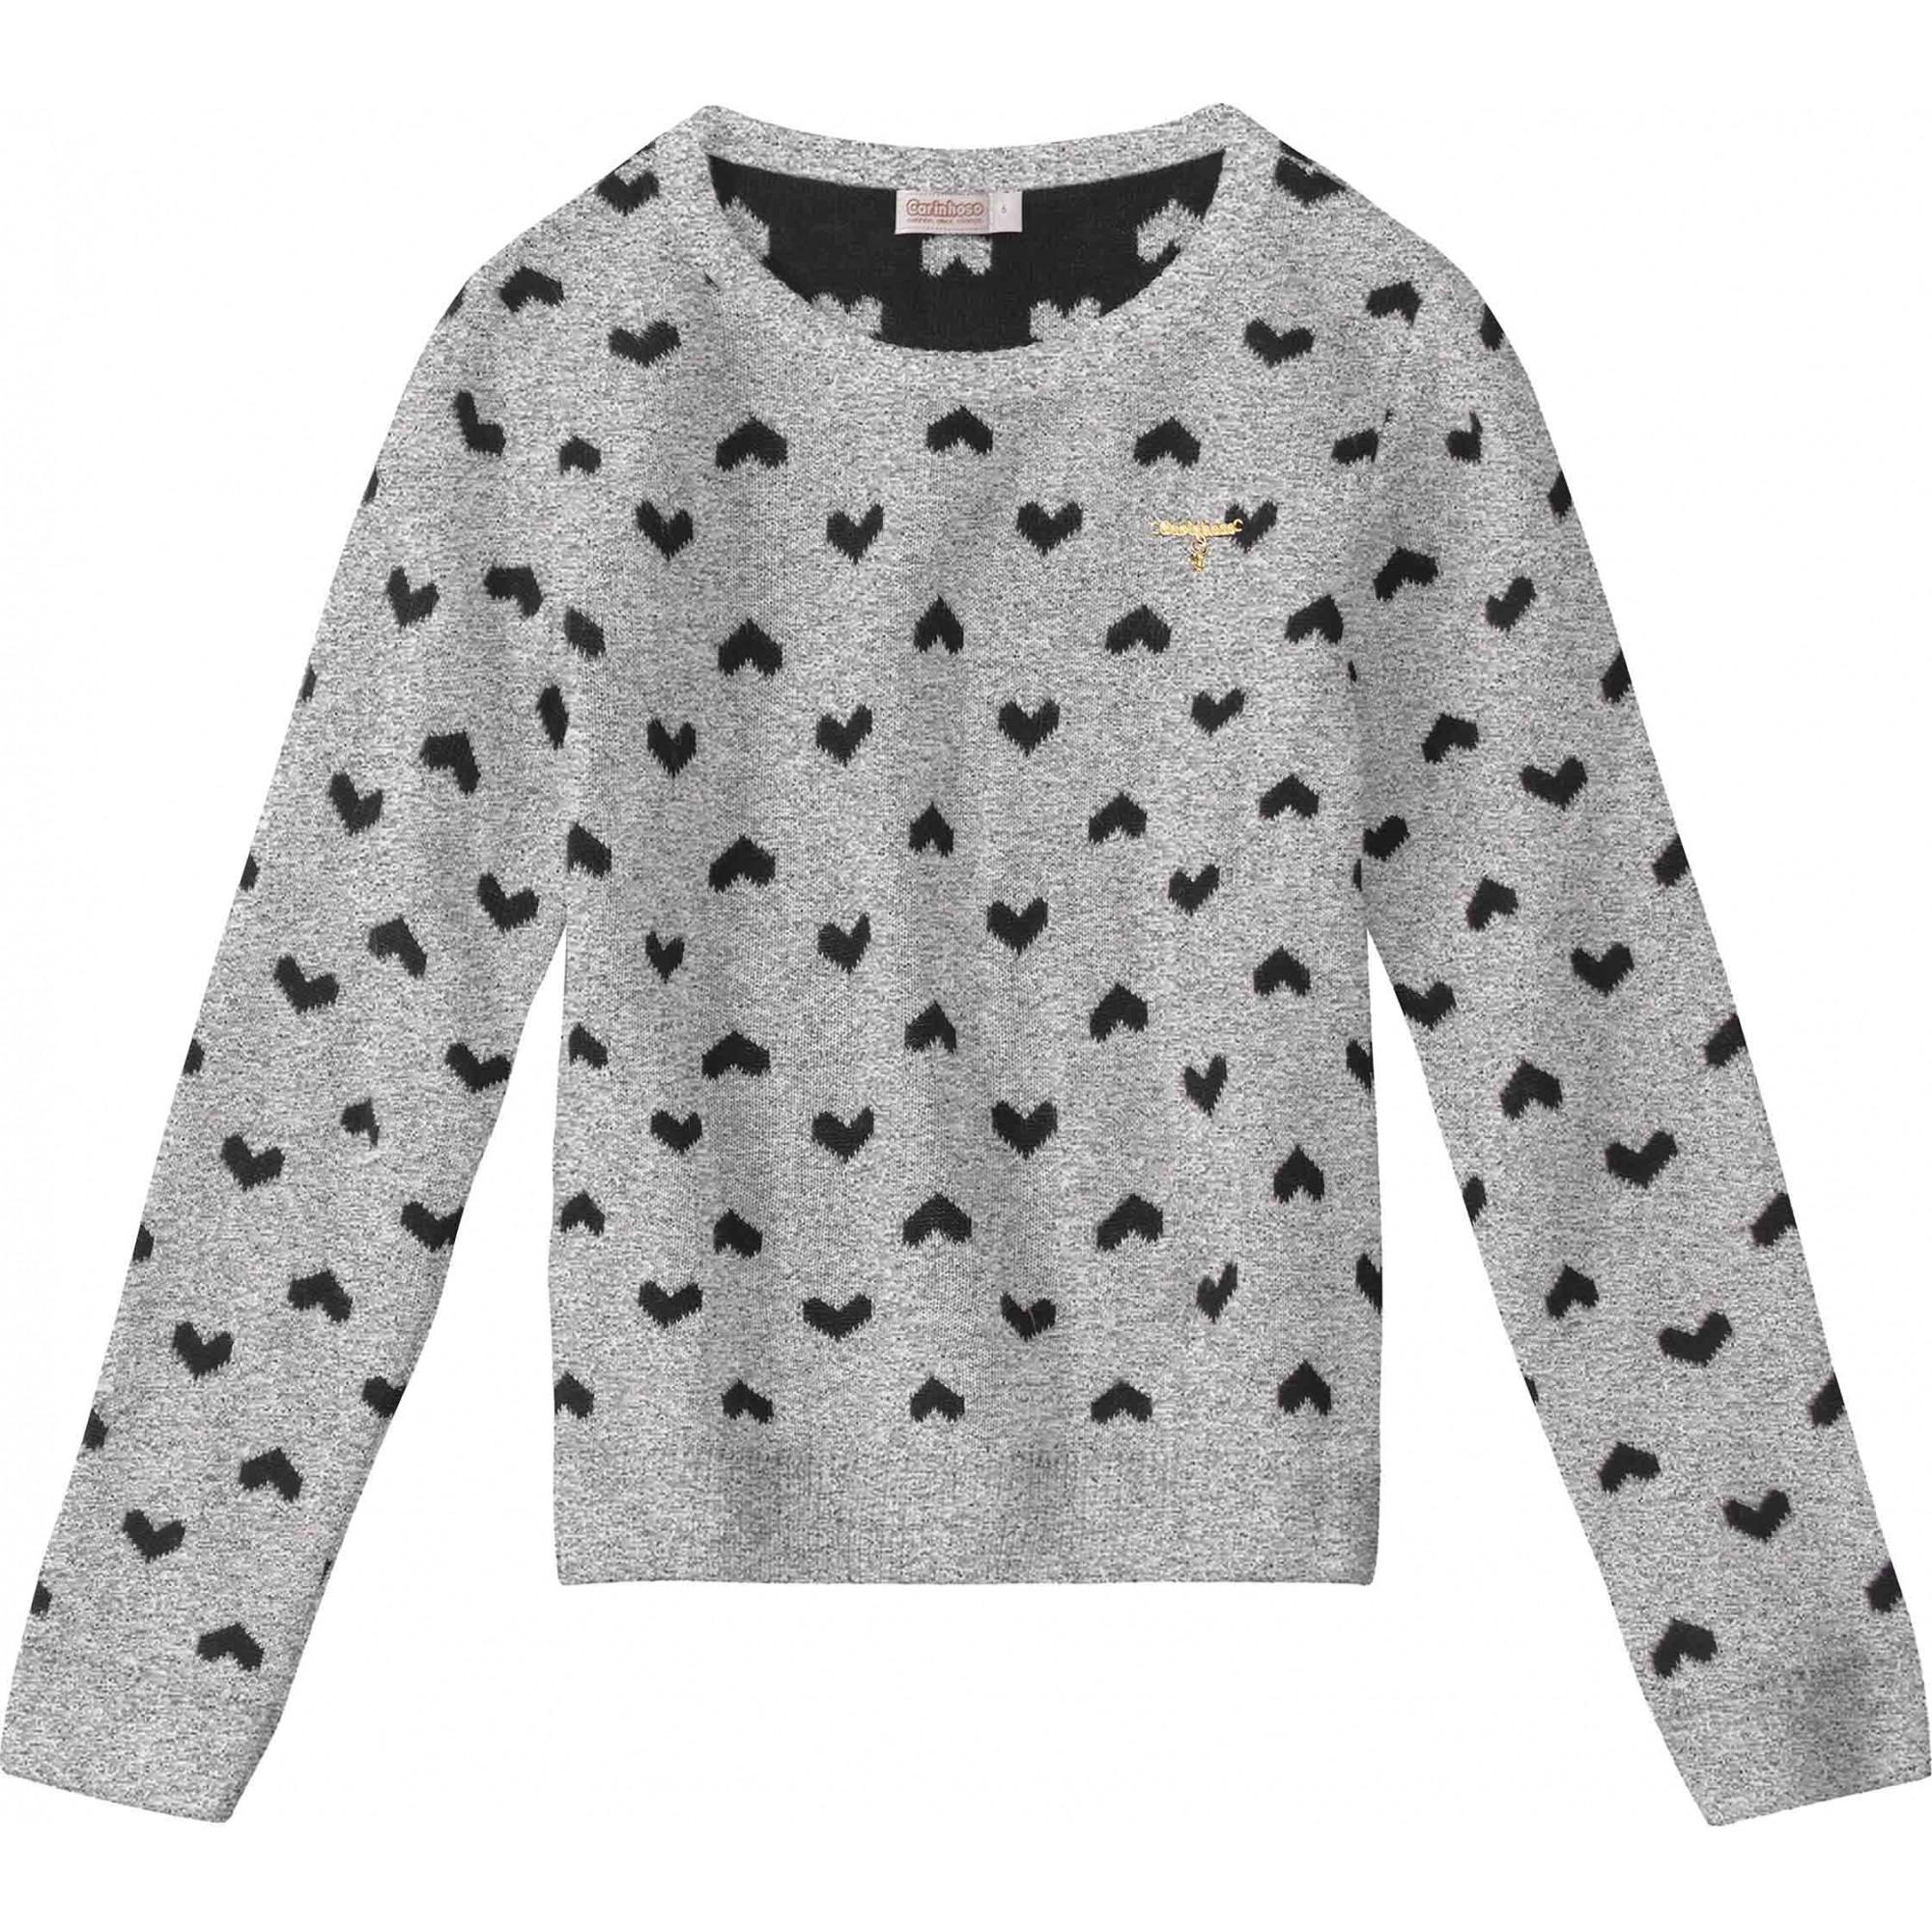 Suéter cinza com estampas de corações preto em tricô - Tam 04 a 10 anos